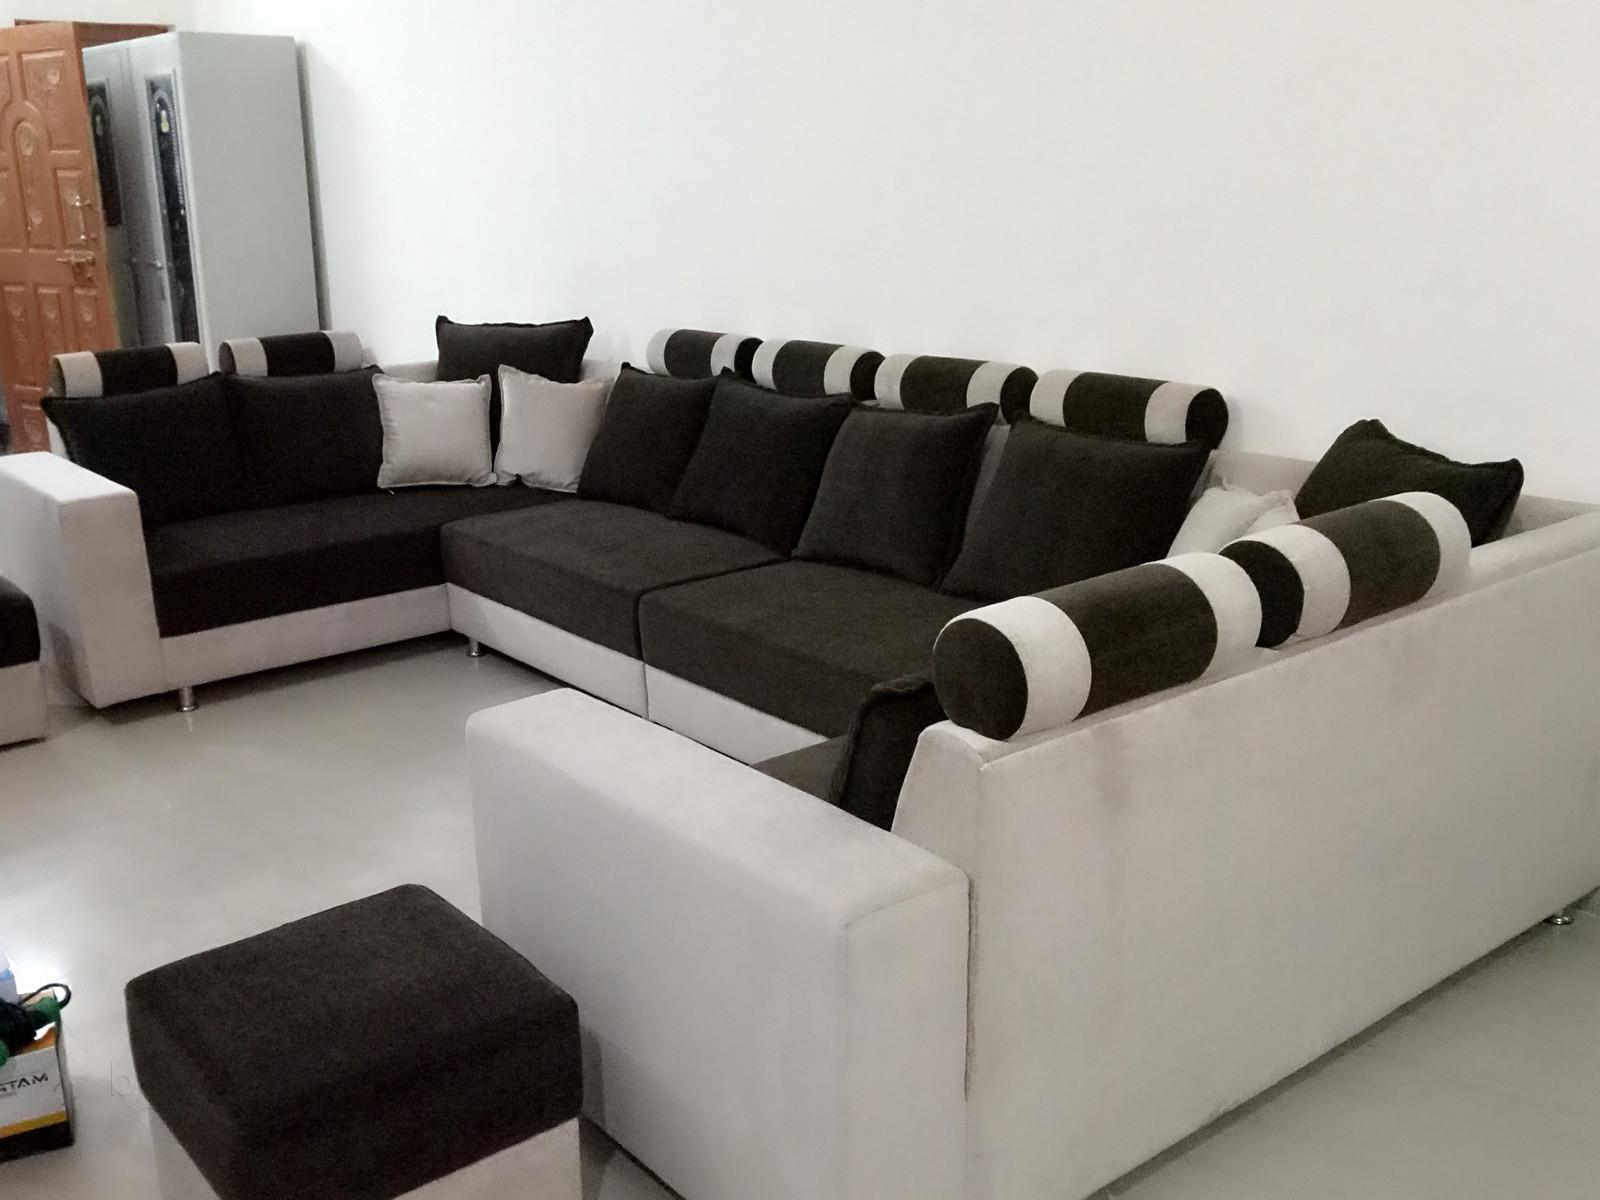 Sofas En Malaga Dddy Tienda Muebles Diseno Los Hechicero Tienda sofas Malaga Concepto A